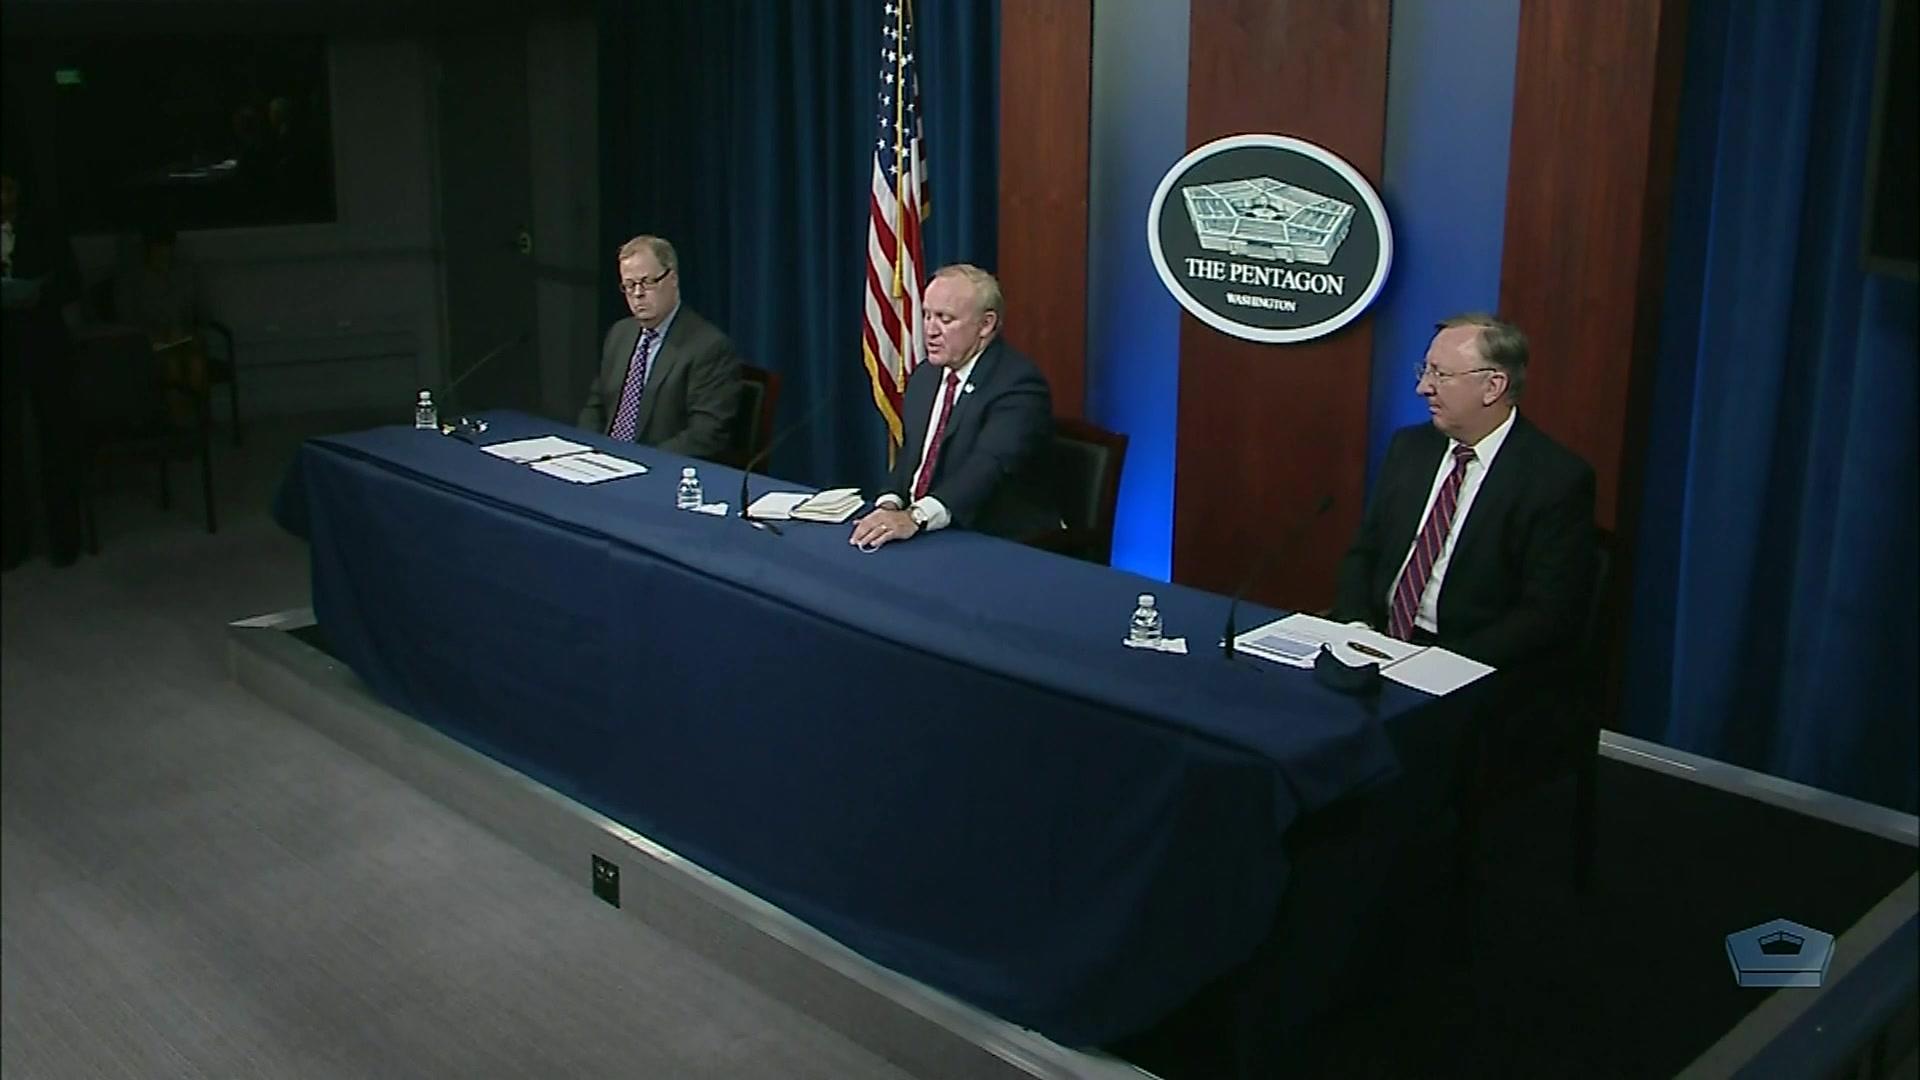 Three men sit at a table.